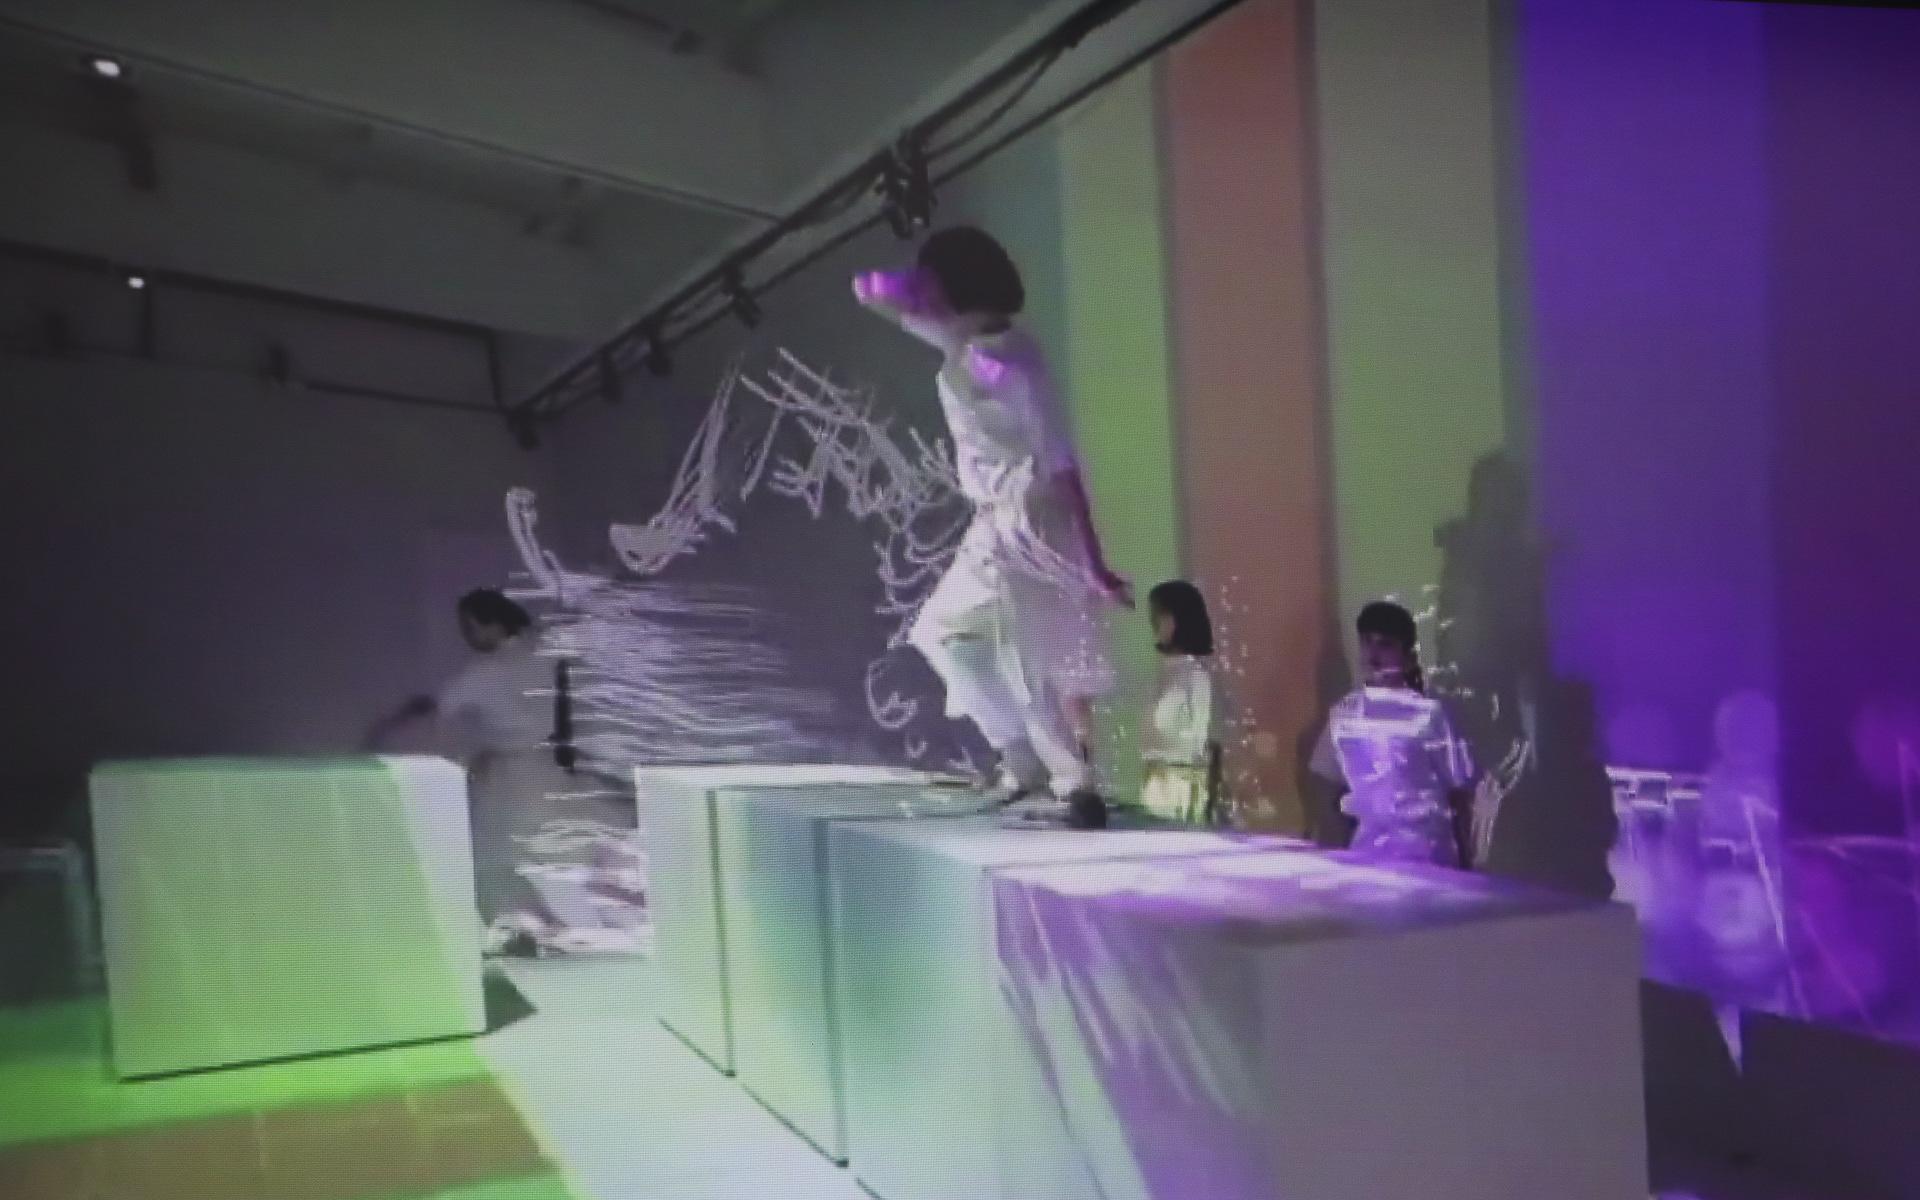 真鍋氏の映像作品